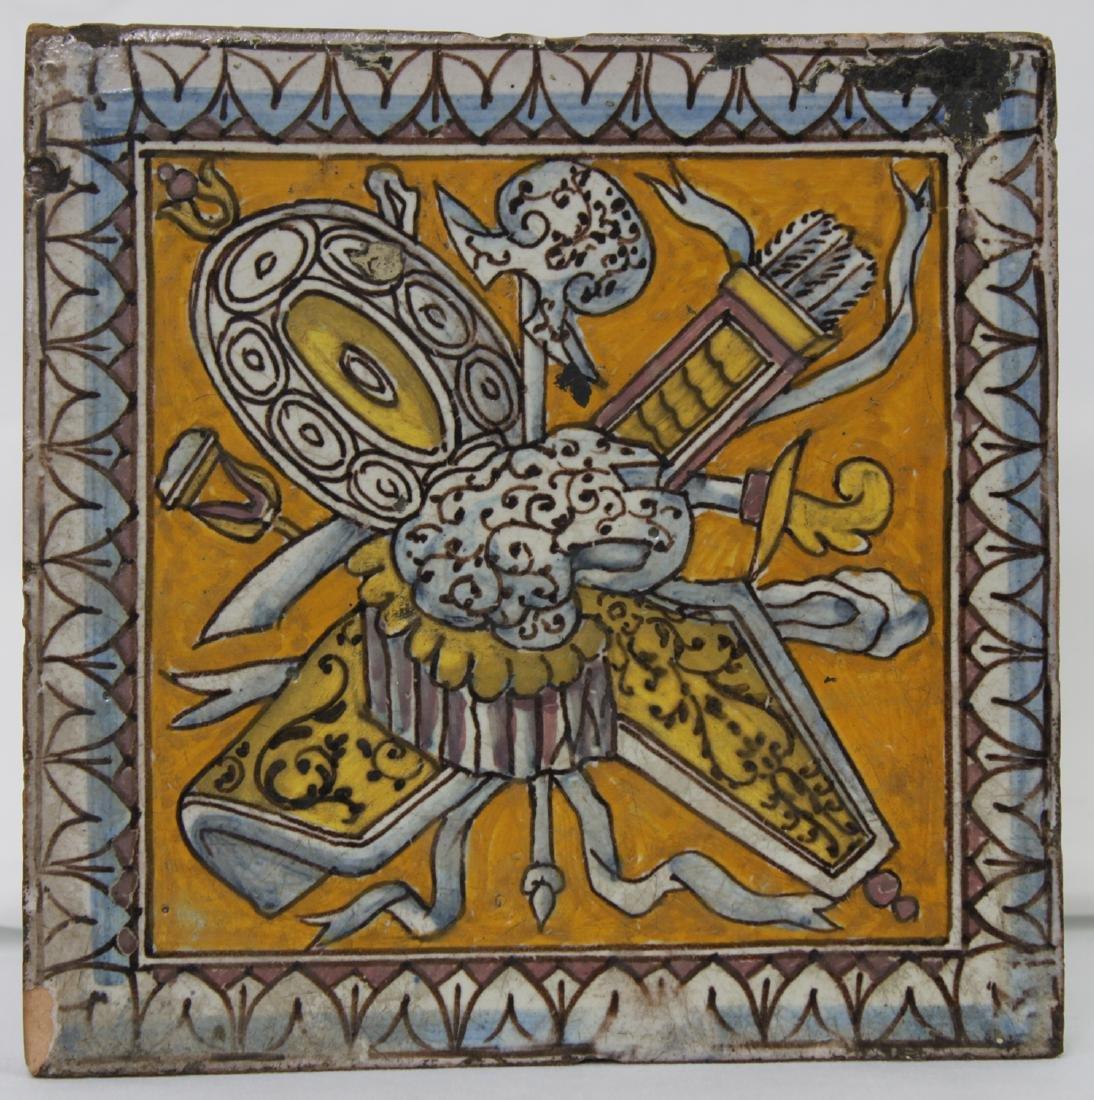 17 Century Dutch Delft Colored Tile - 3